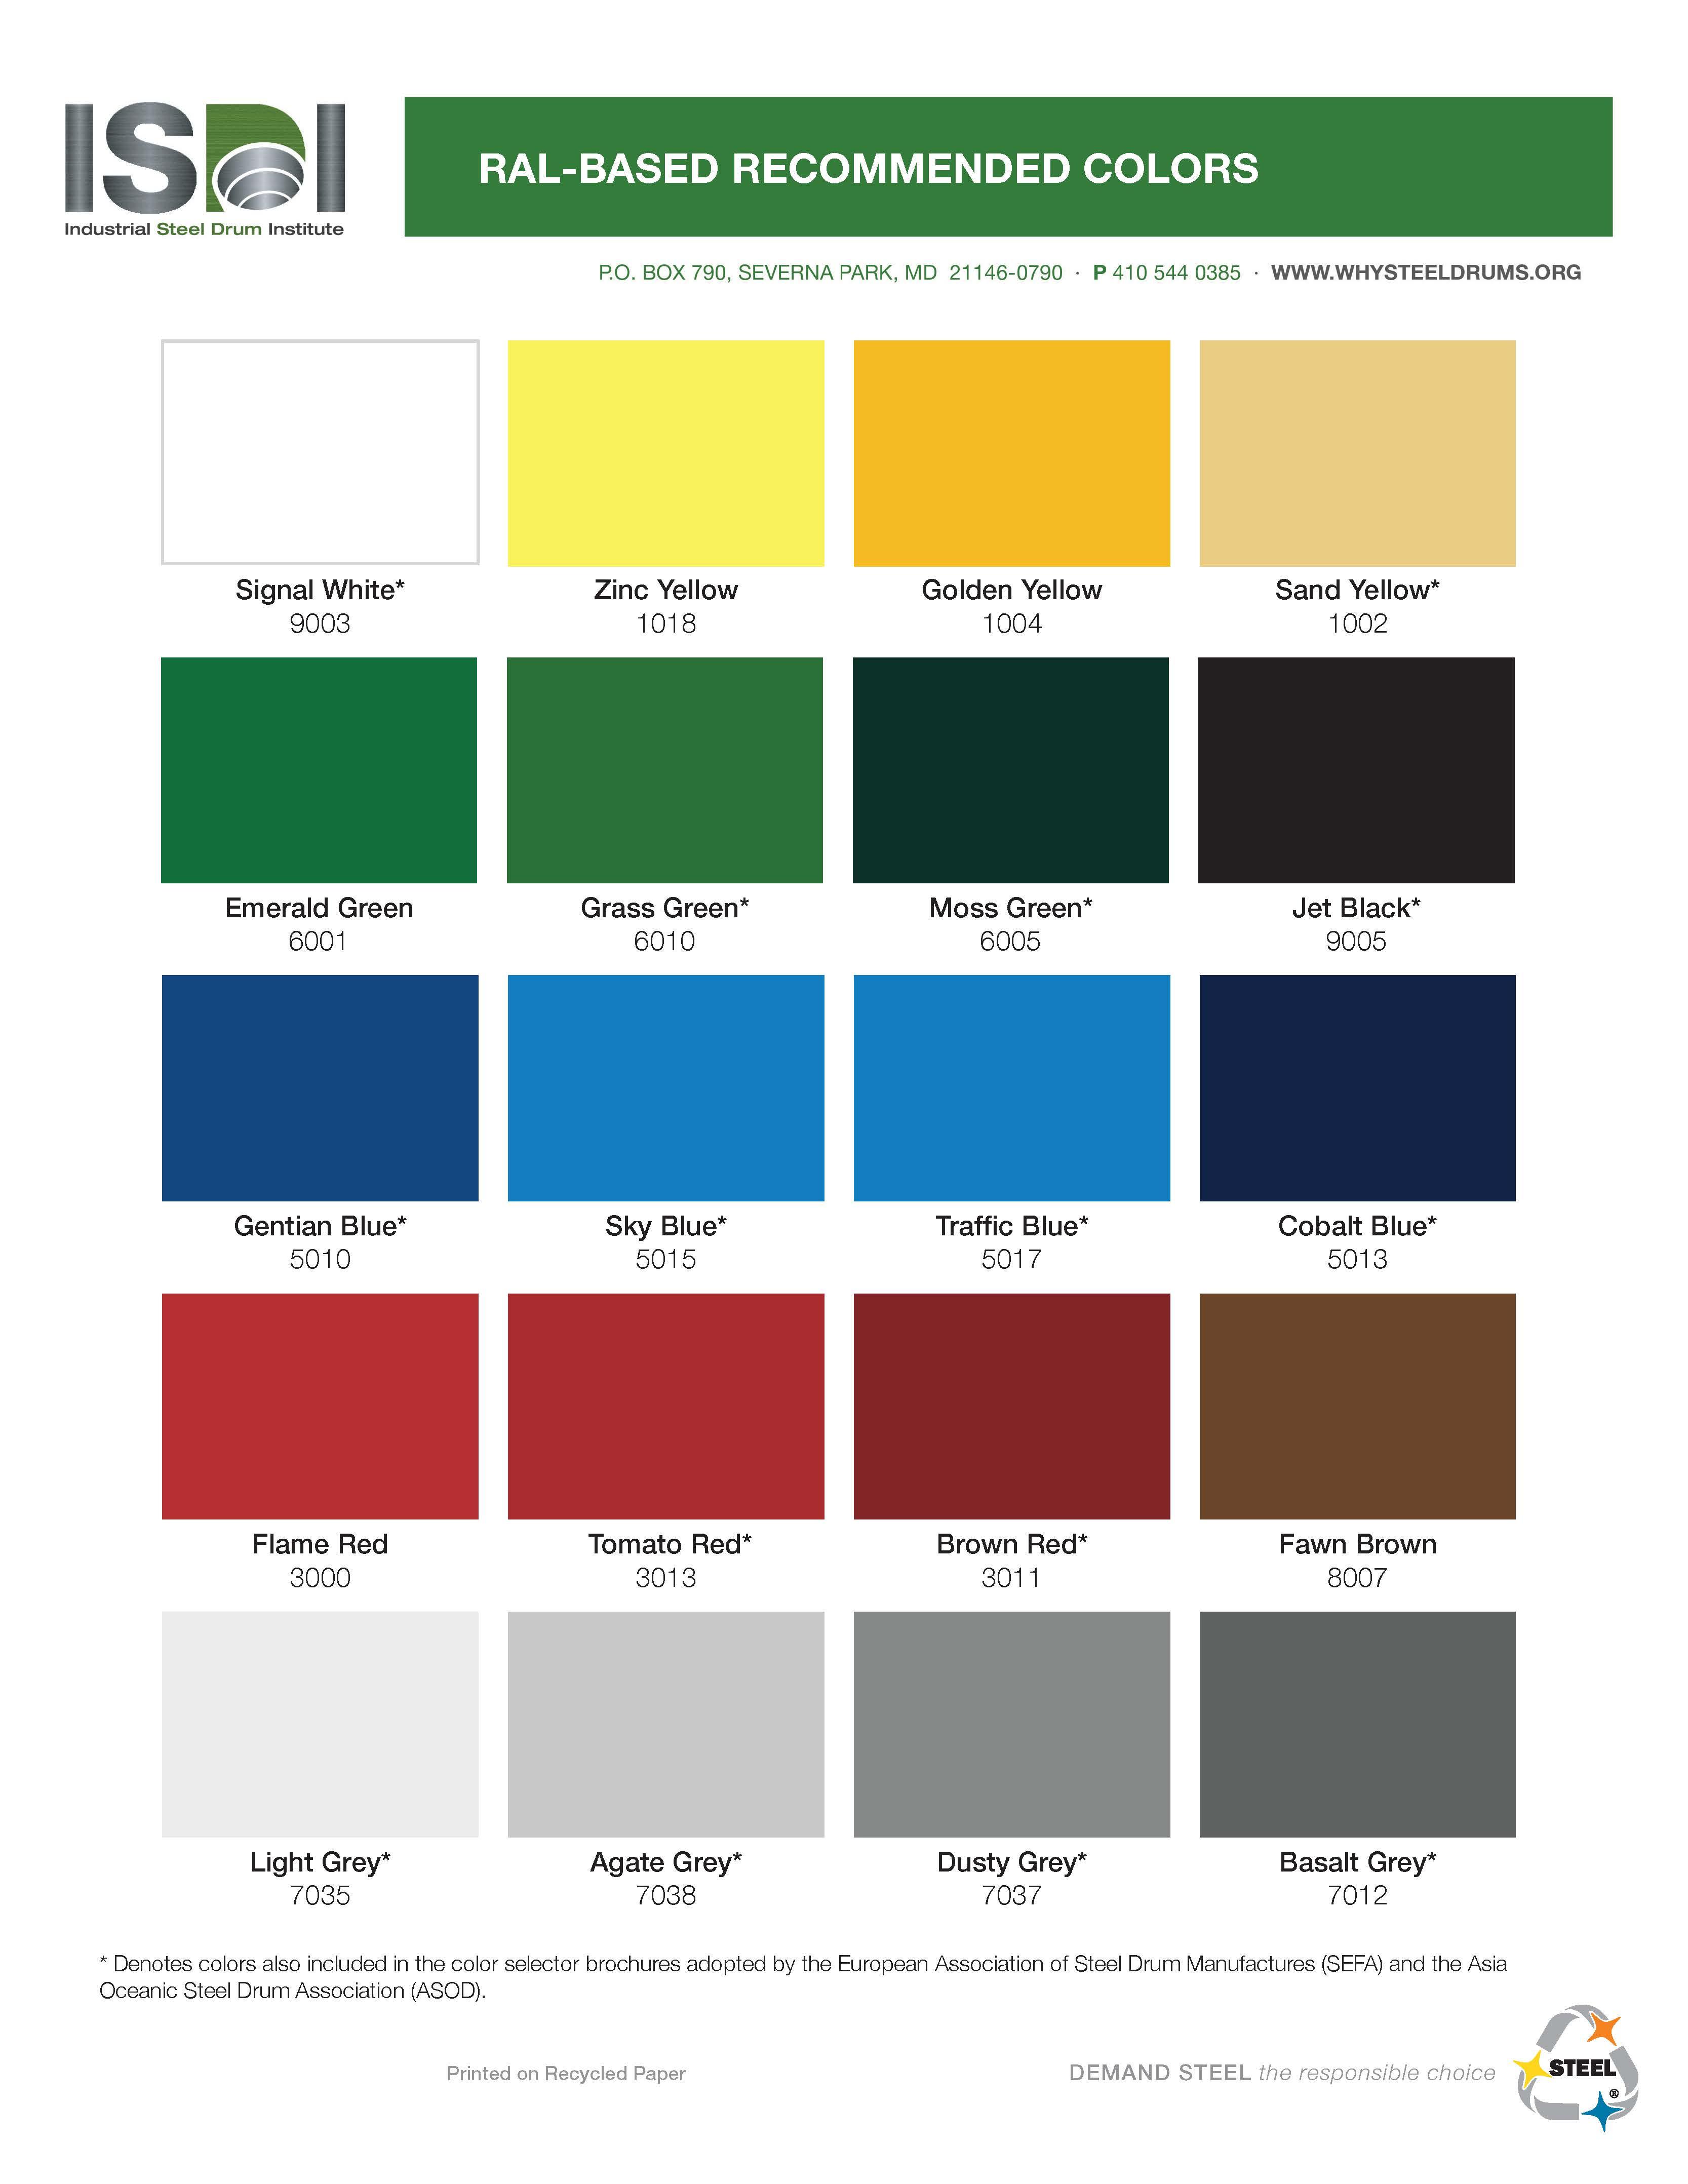 ISDI_RAL_ColorGuide